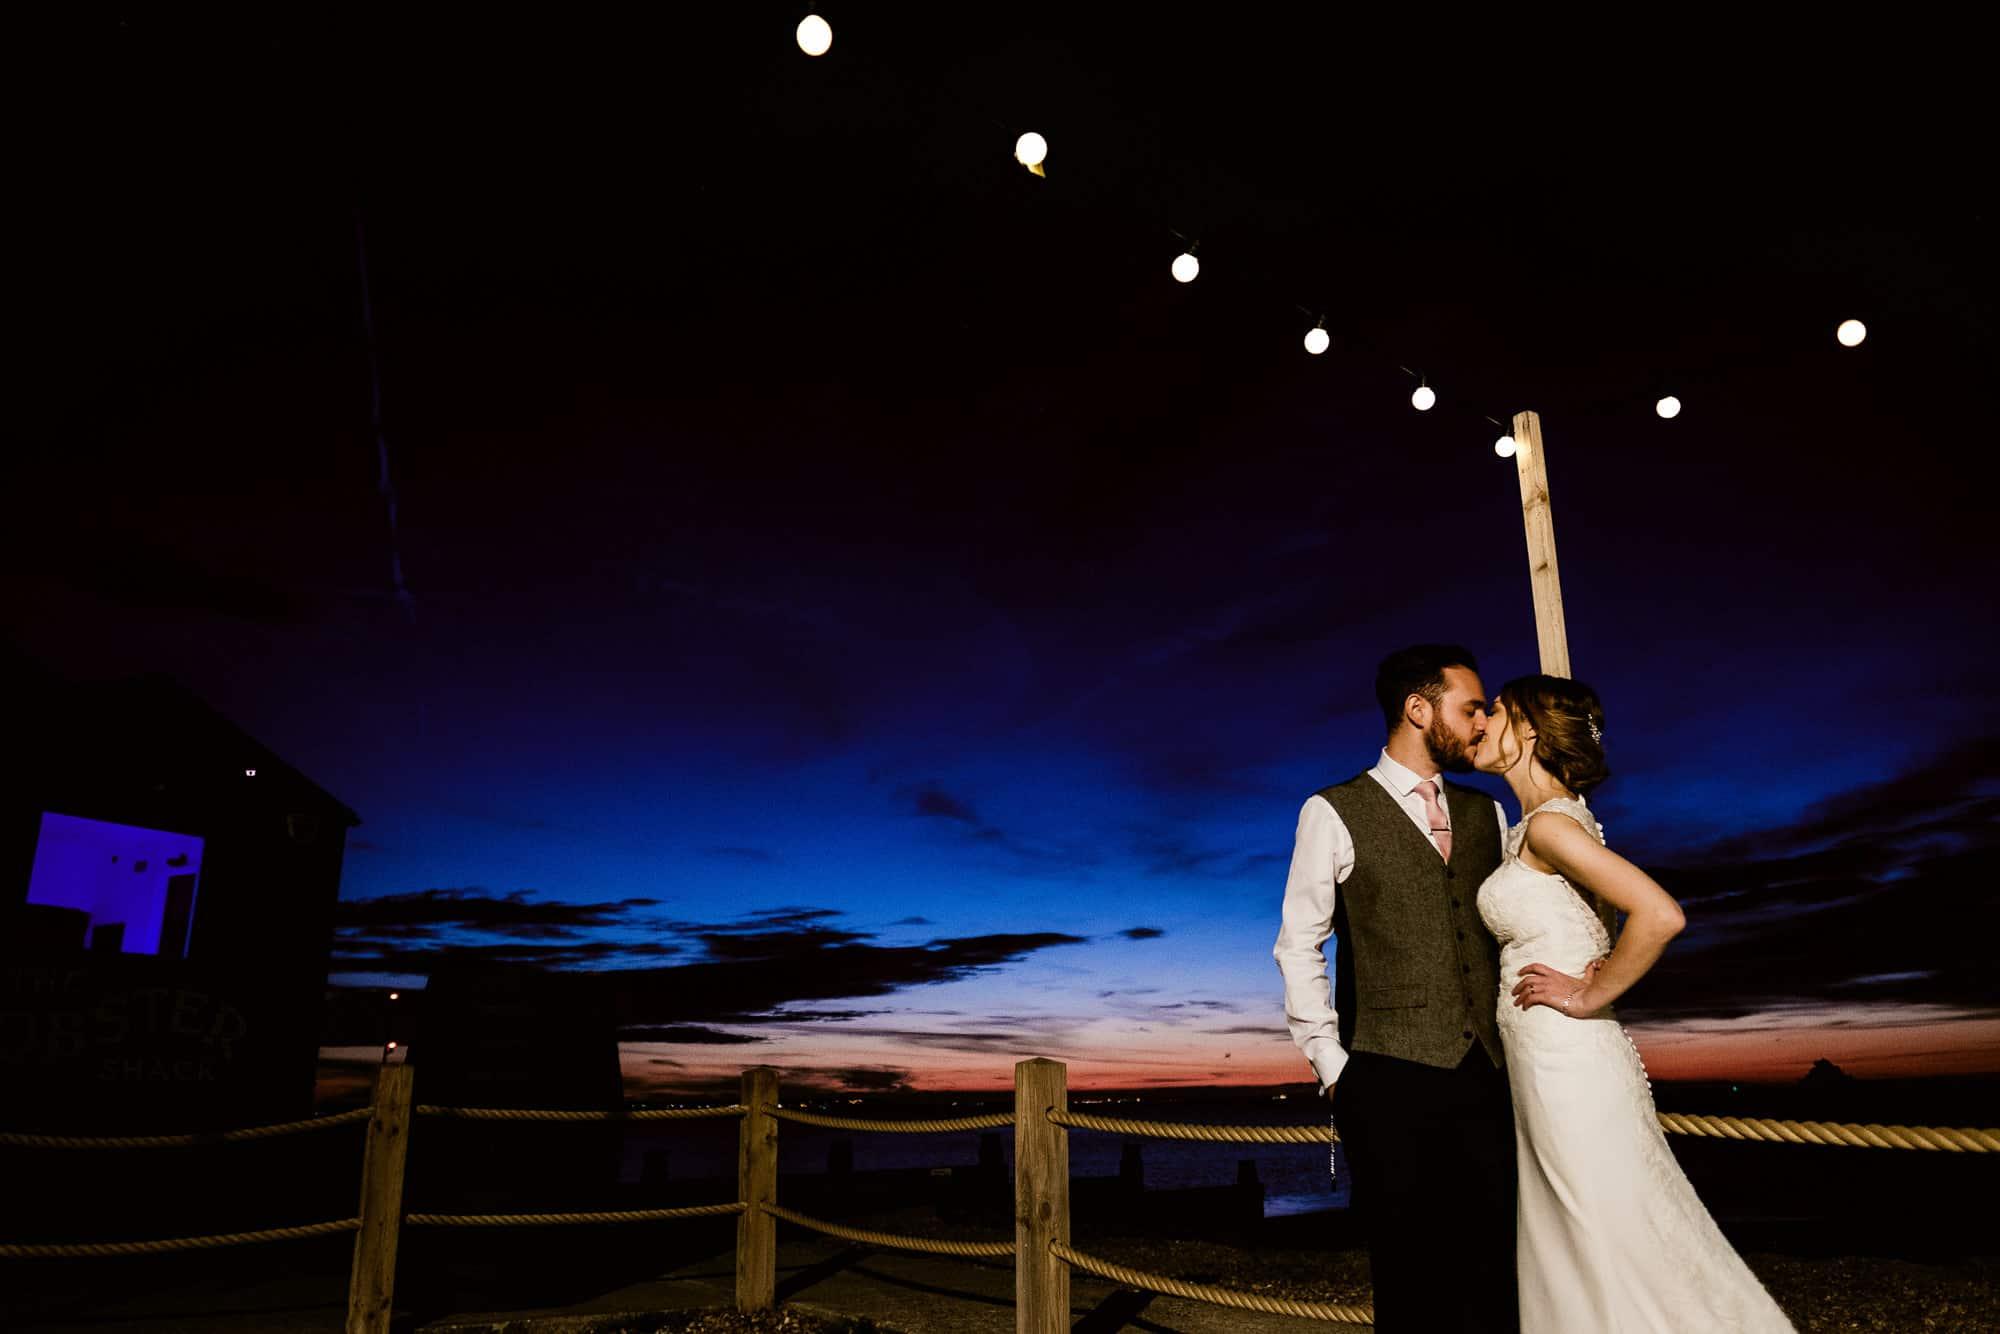 east-quay-wedding-photographer-matt-tyler-0101